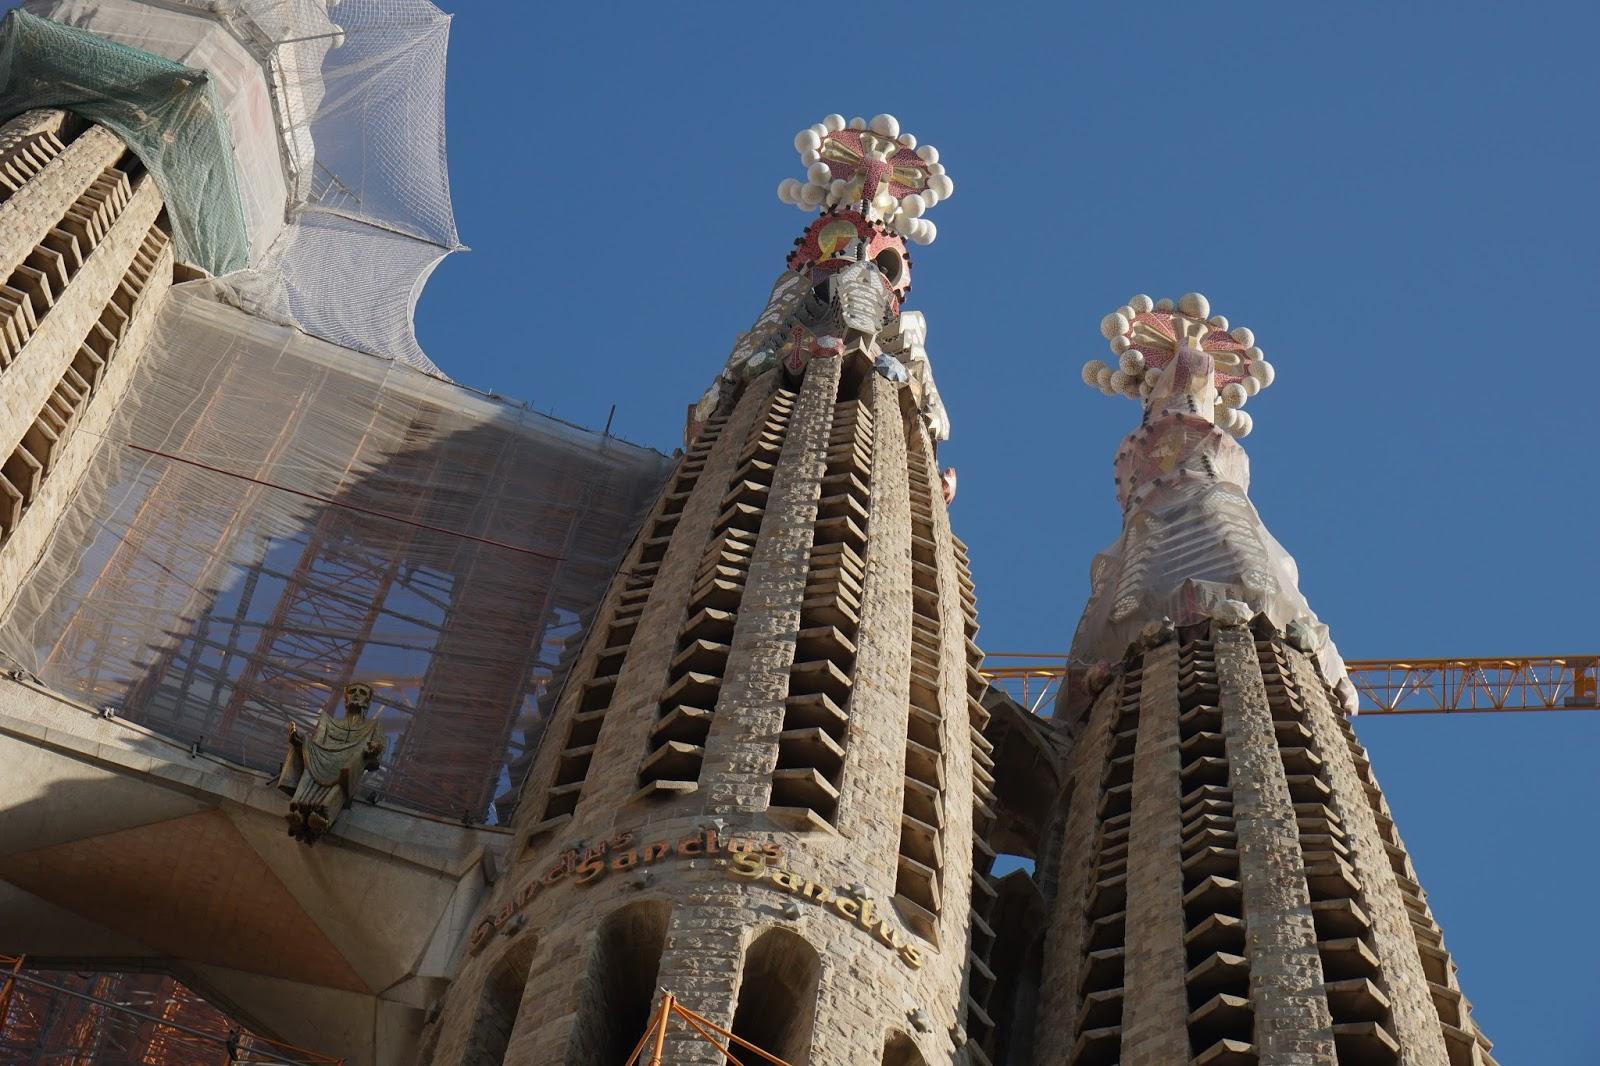 サグラダ・ファミリア (Sagrada Familia) 「イエス・キリスト」と塔の飾り